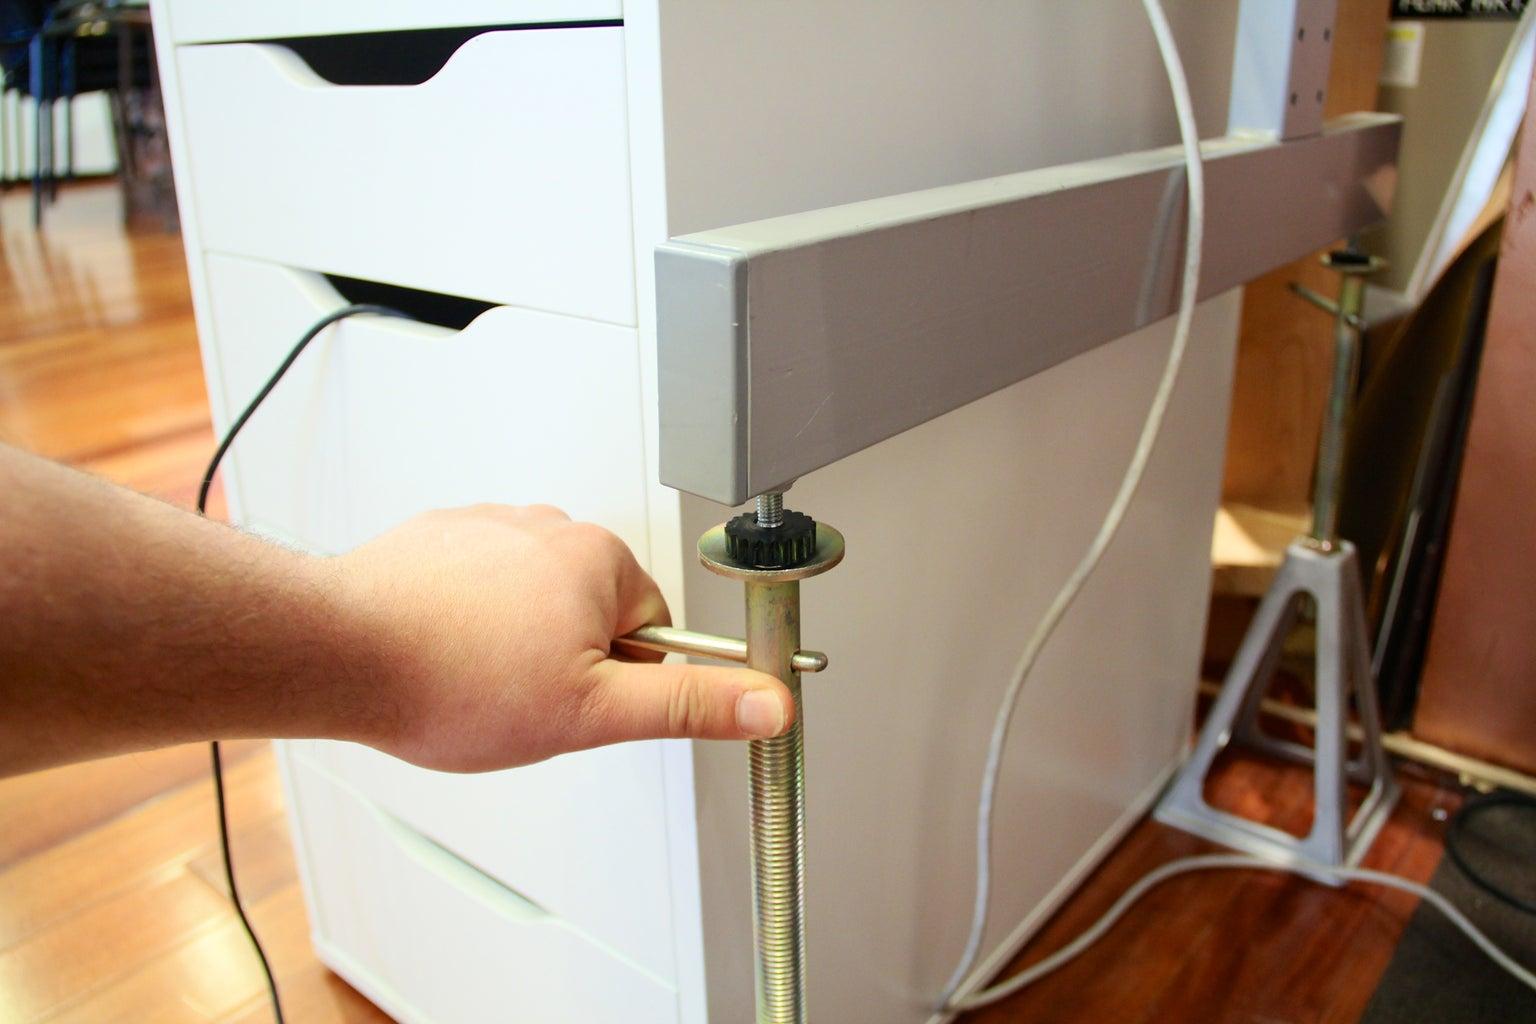 Slide Under Desk and Adjust to Proper Ergonomic Height